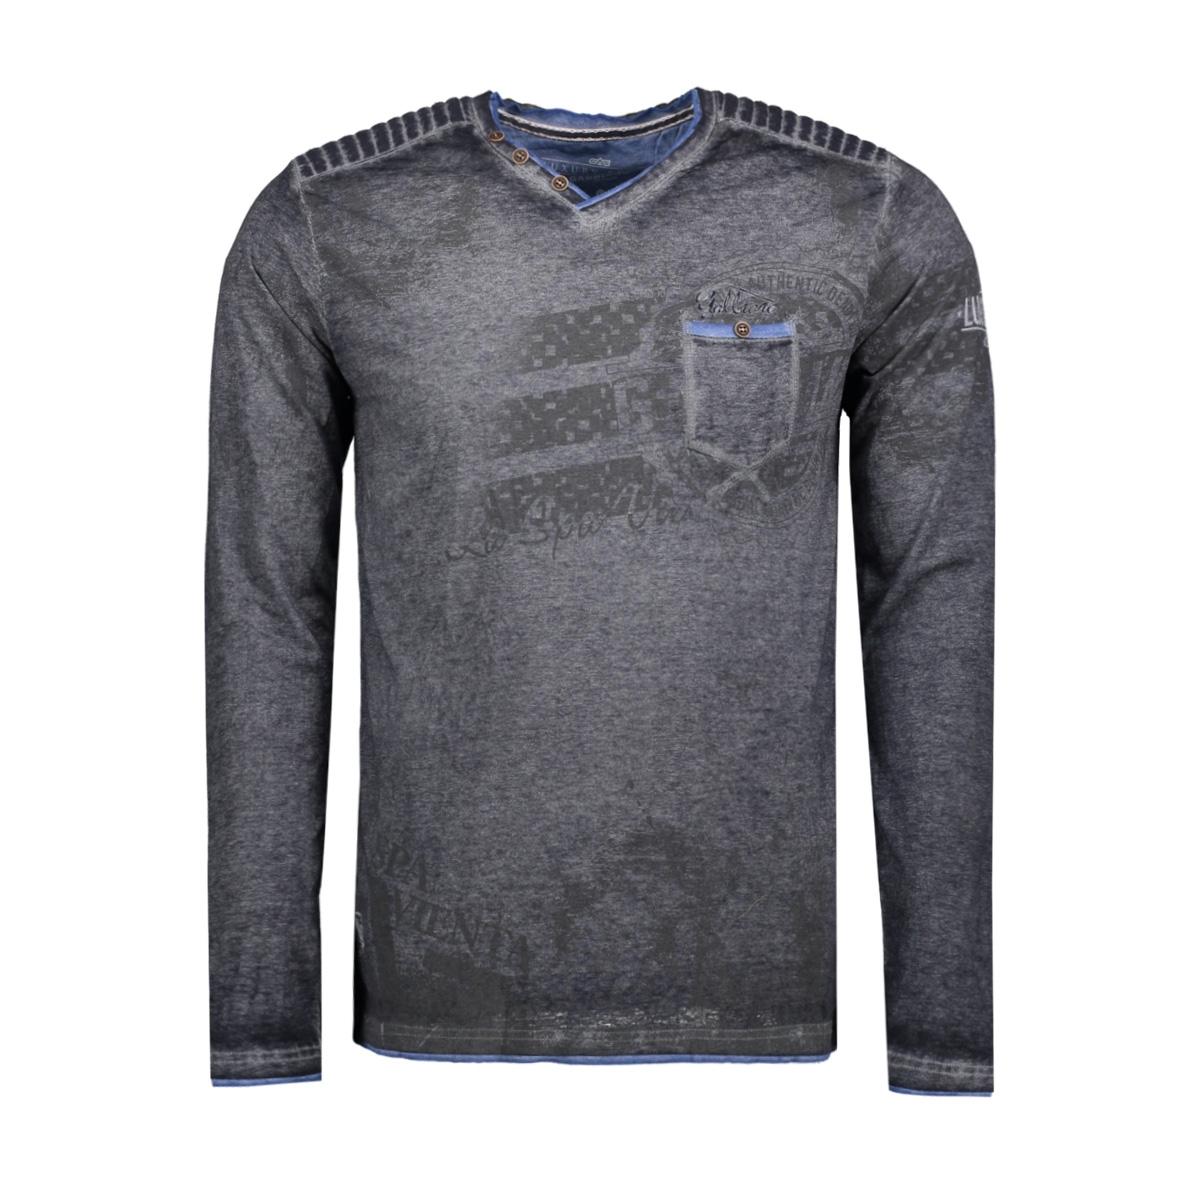 3012 gabbiano t-shirt zwart